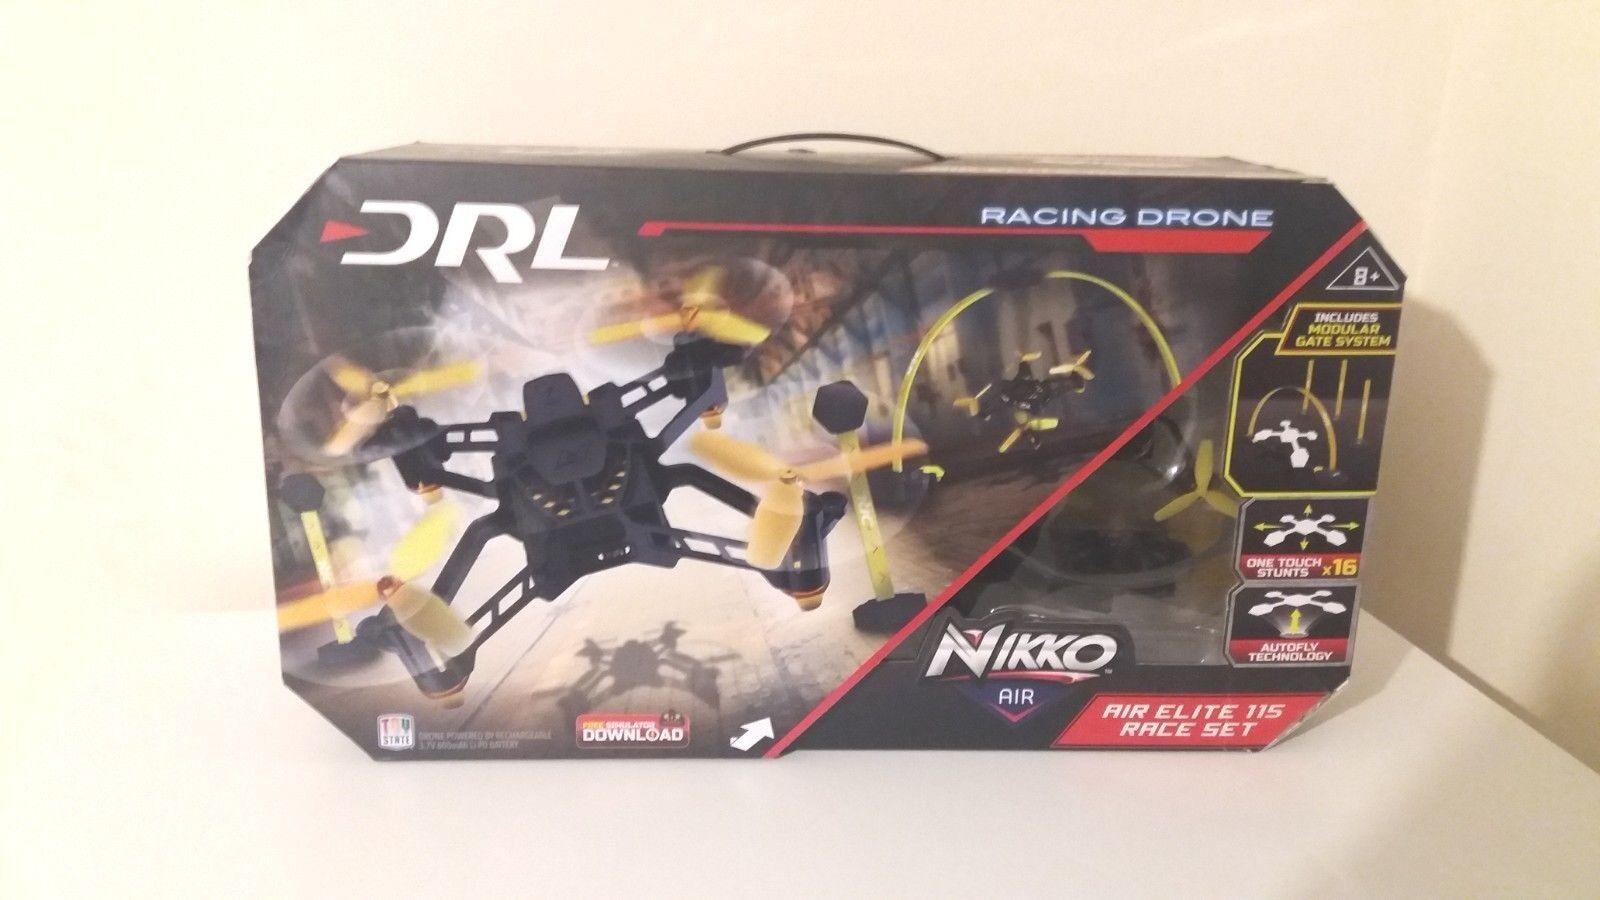 Nikko Air Elite Racing Drone Set 115 [Save 40% off RRP] Christmas Pressie